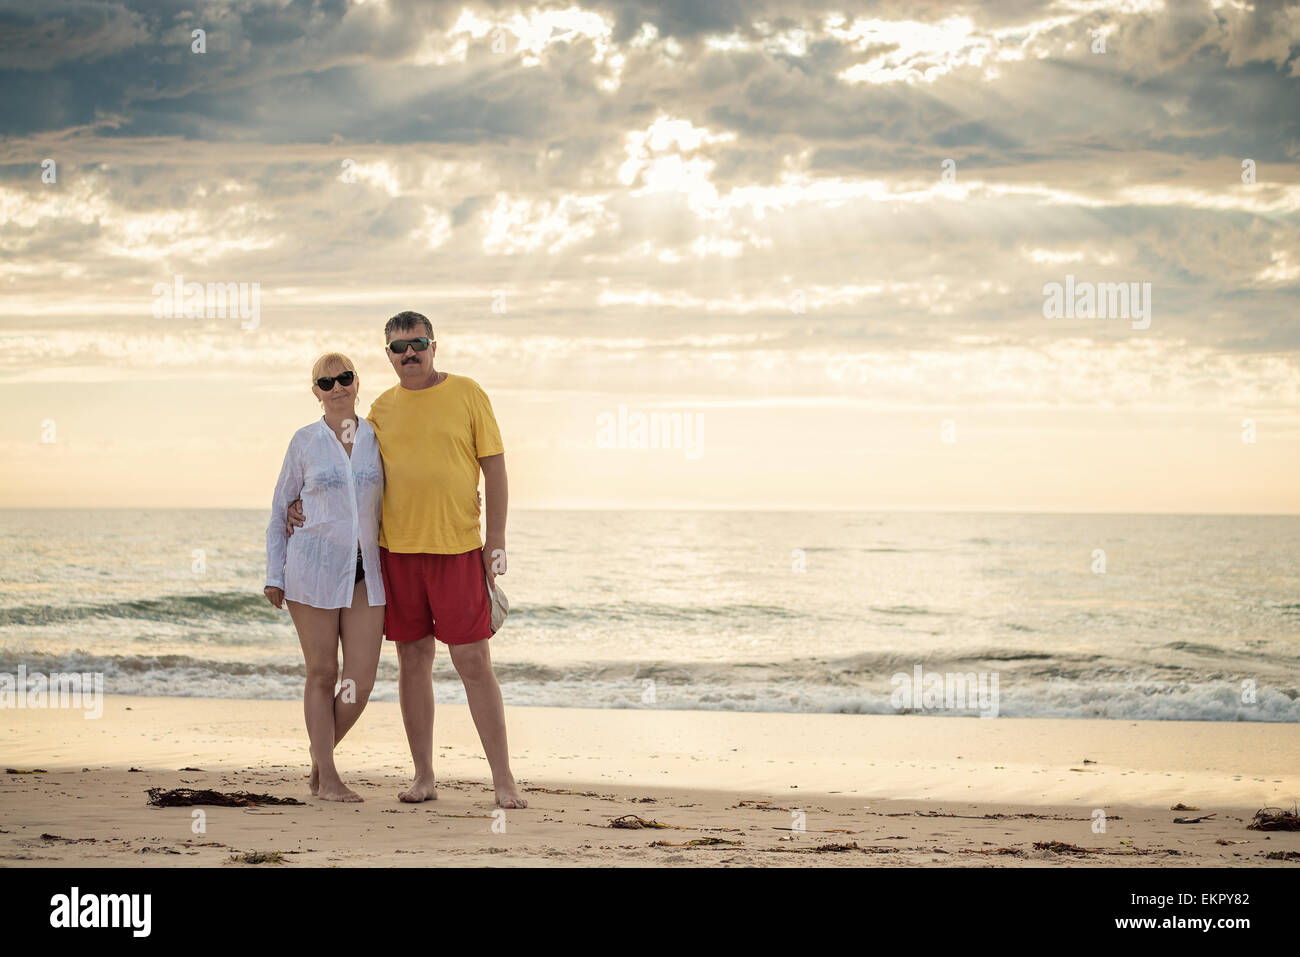 Gerne älteres Paar in der Mitte der fünfziger Jahre am Strand. Warme Farbe toning und Tageslicht Stockbild